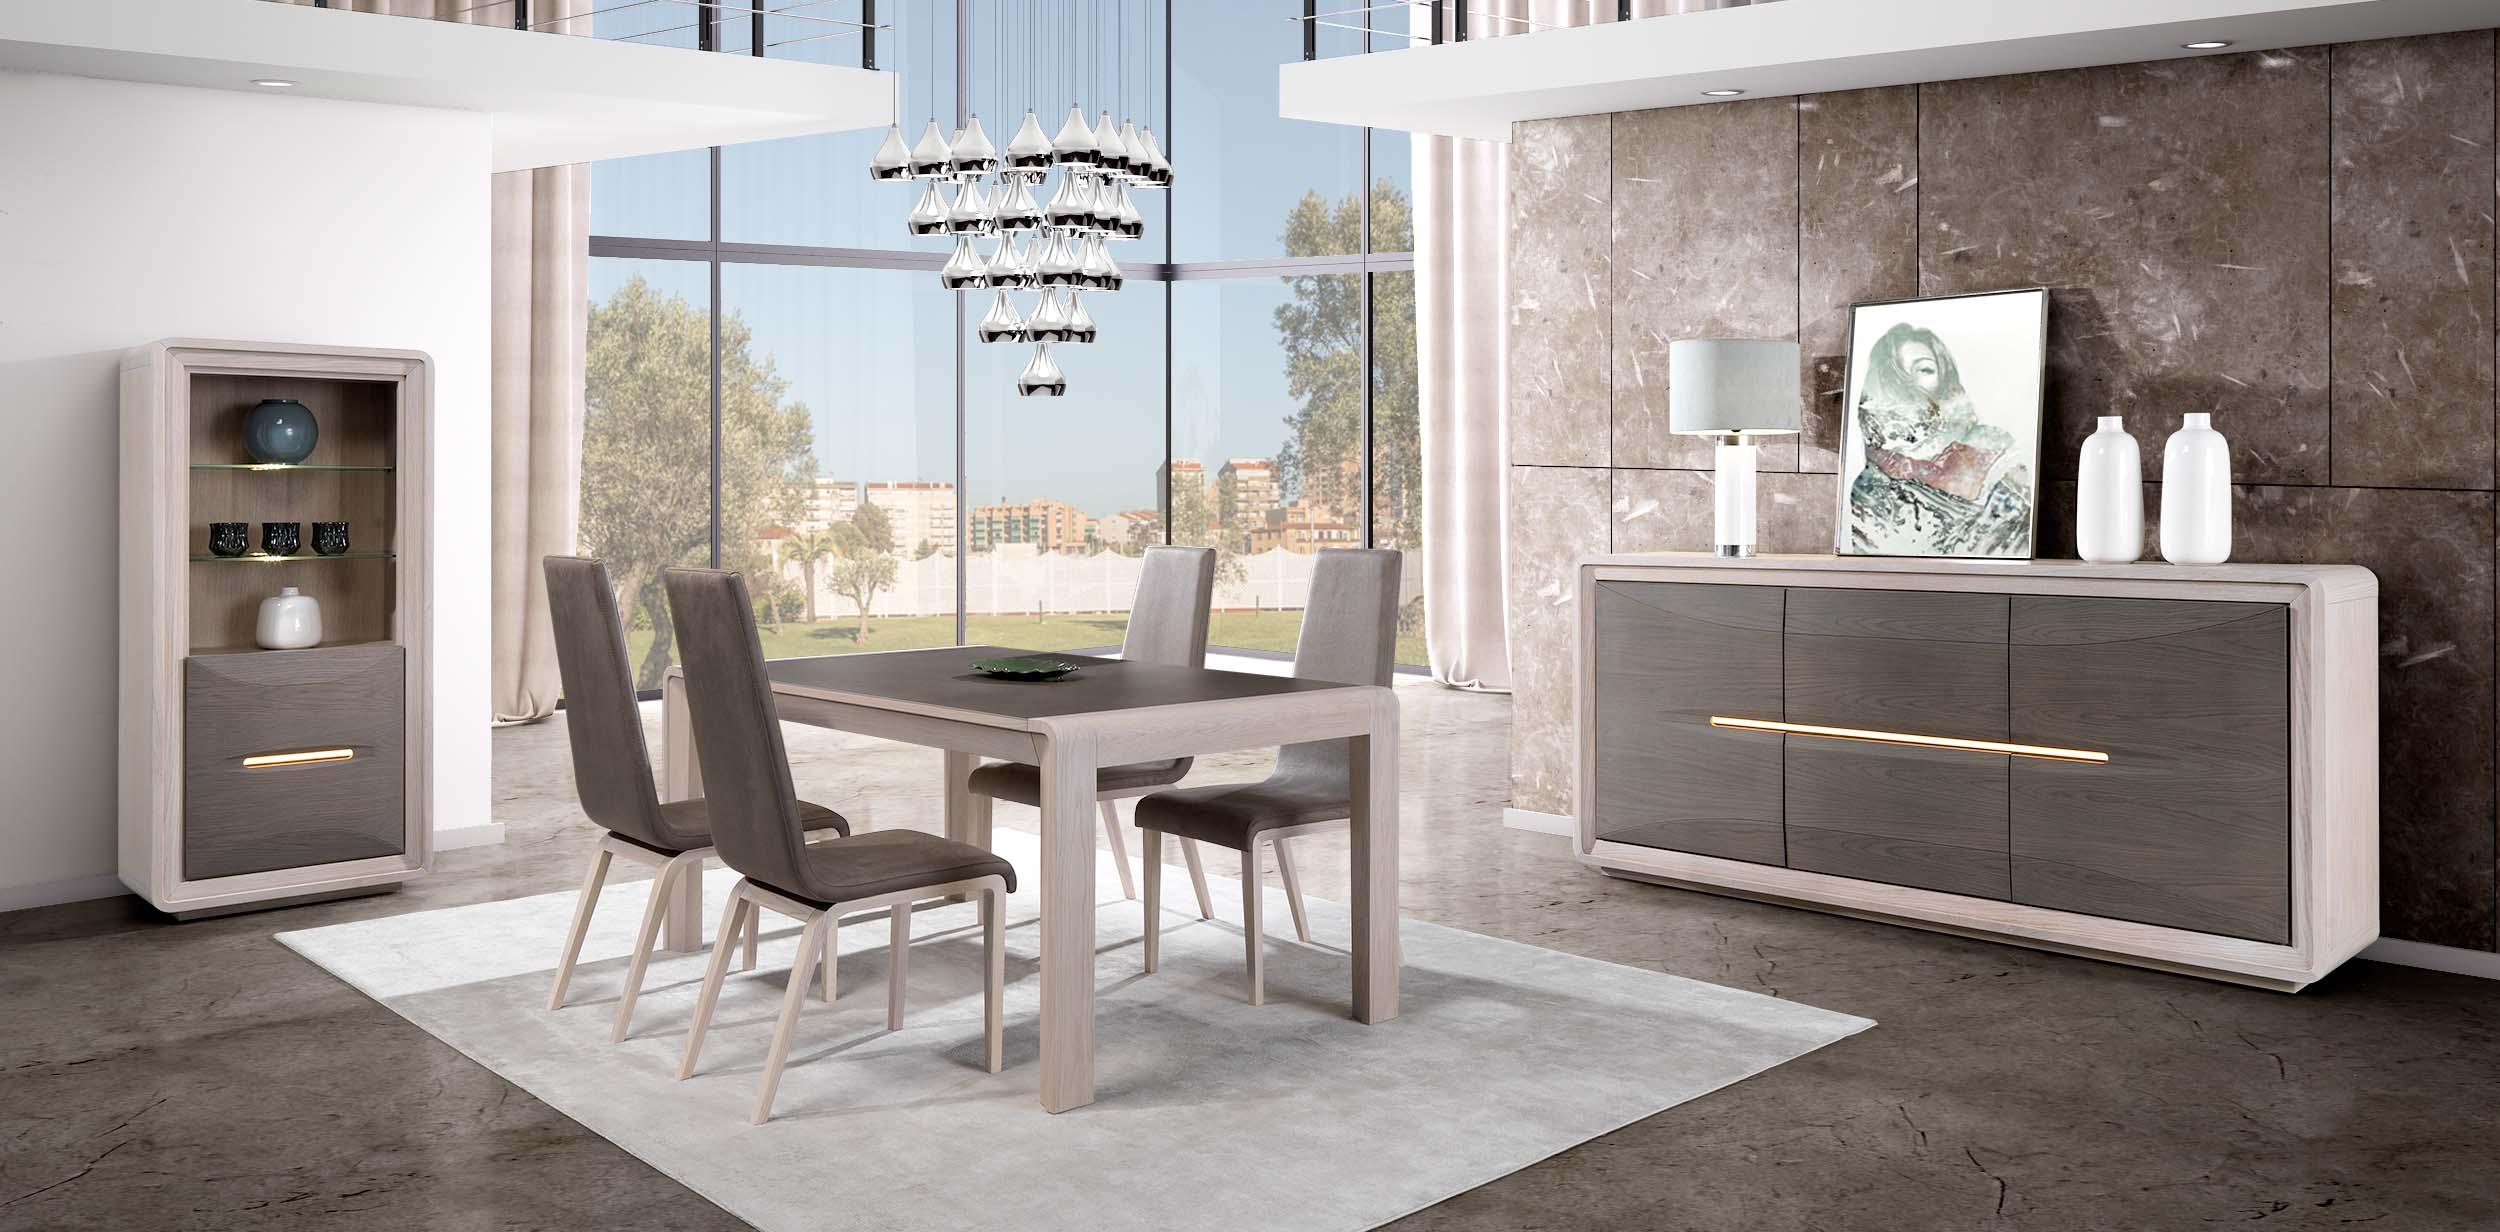 Cacio salle a manger meuble neptune meubles gibaud for But meuble salle a manger